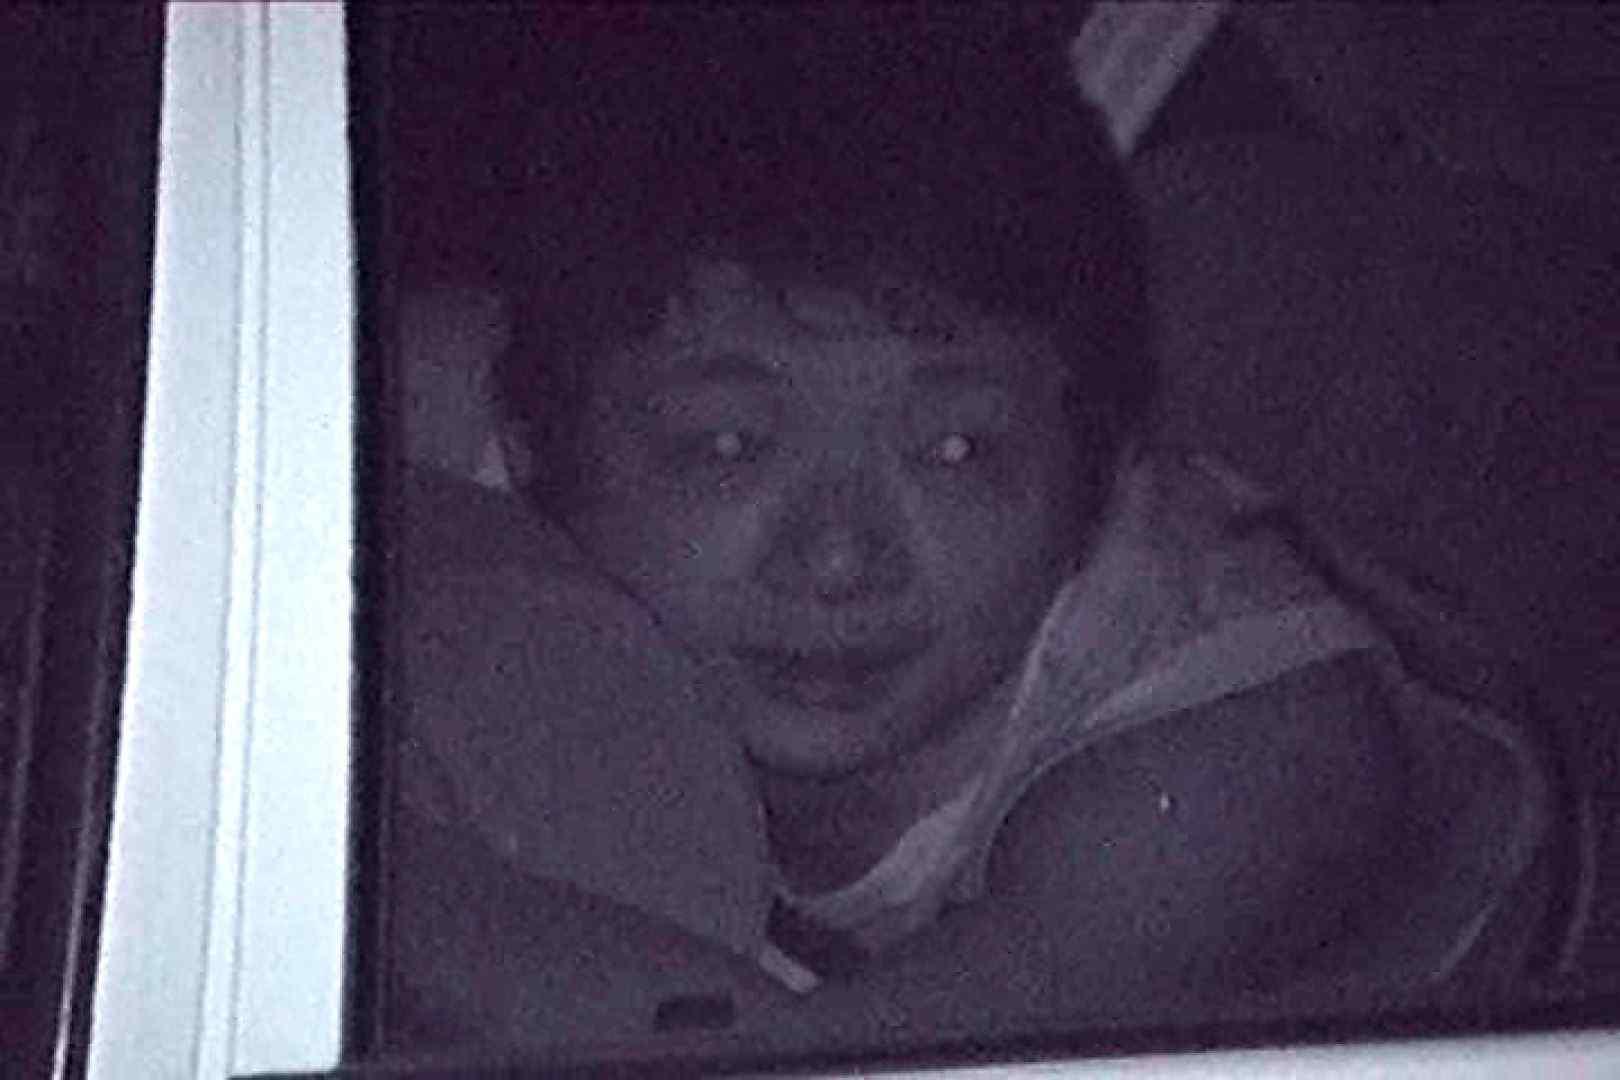 充血監督の深夜の運動会Vol.116 カーセックス 盗撮動画紹介 111連発 2